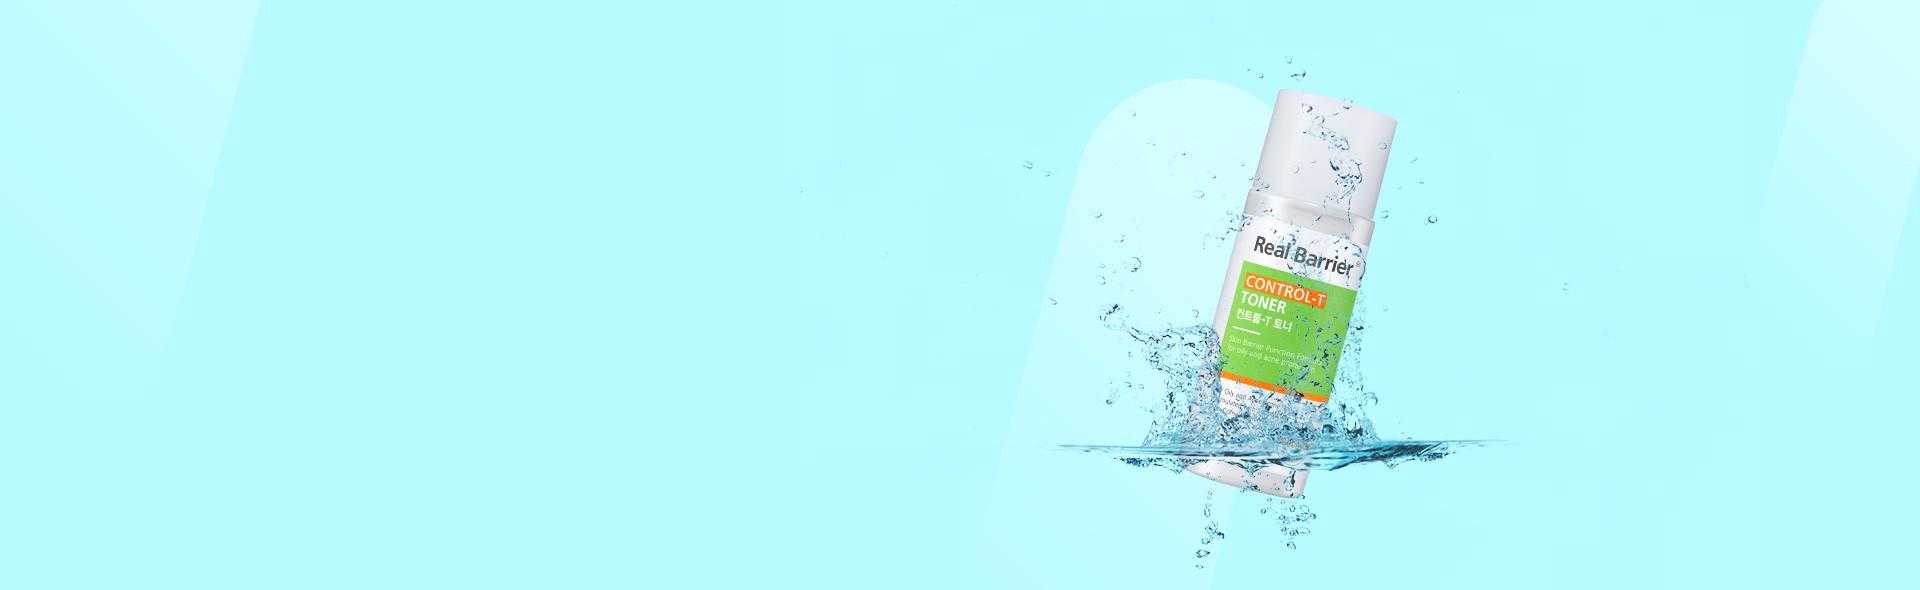 금토일~ 5만원↑ 리얼베리어 컨트롤-T 클렌징 폼 증정 이미지 1